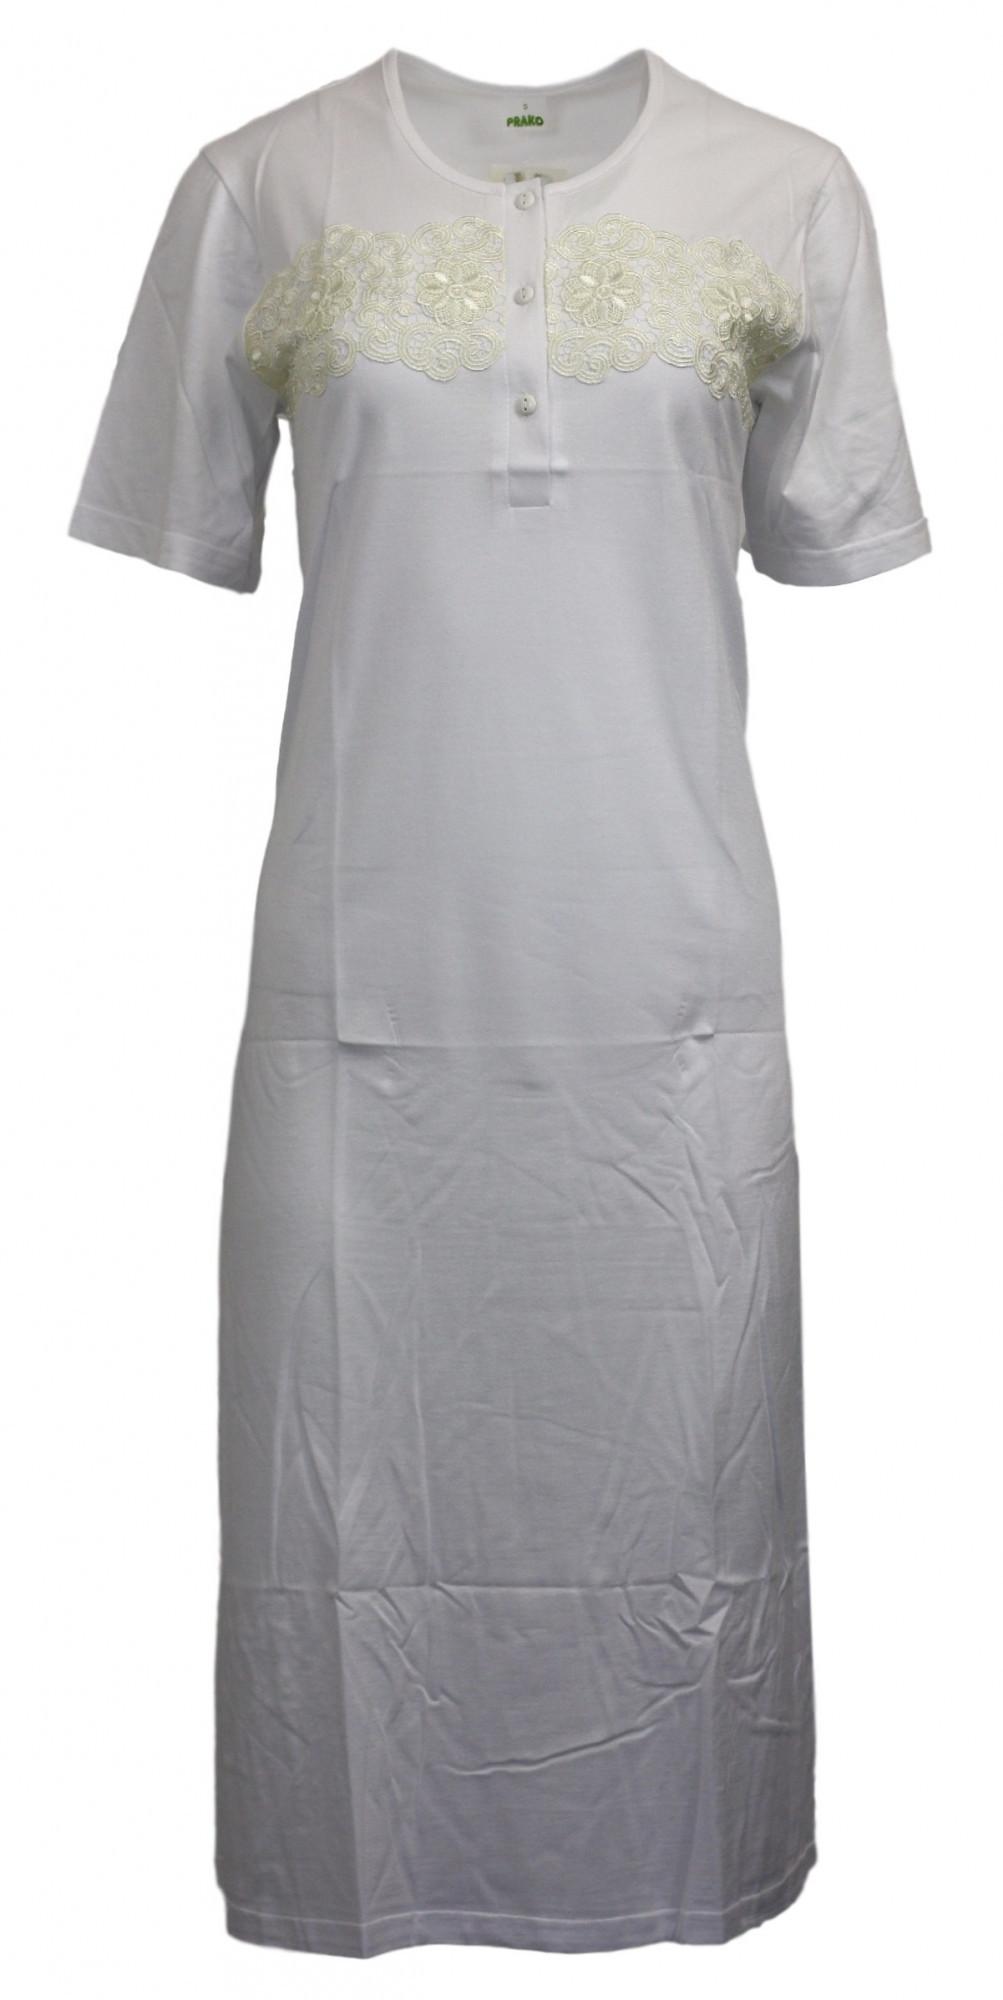 Dámská noční košile F1032 - Prako bílá S